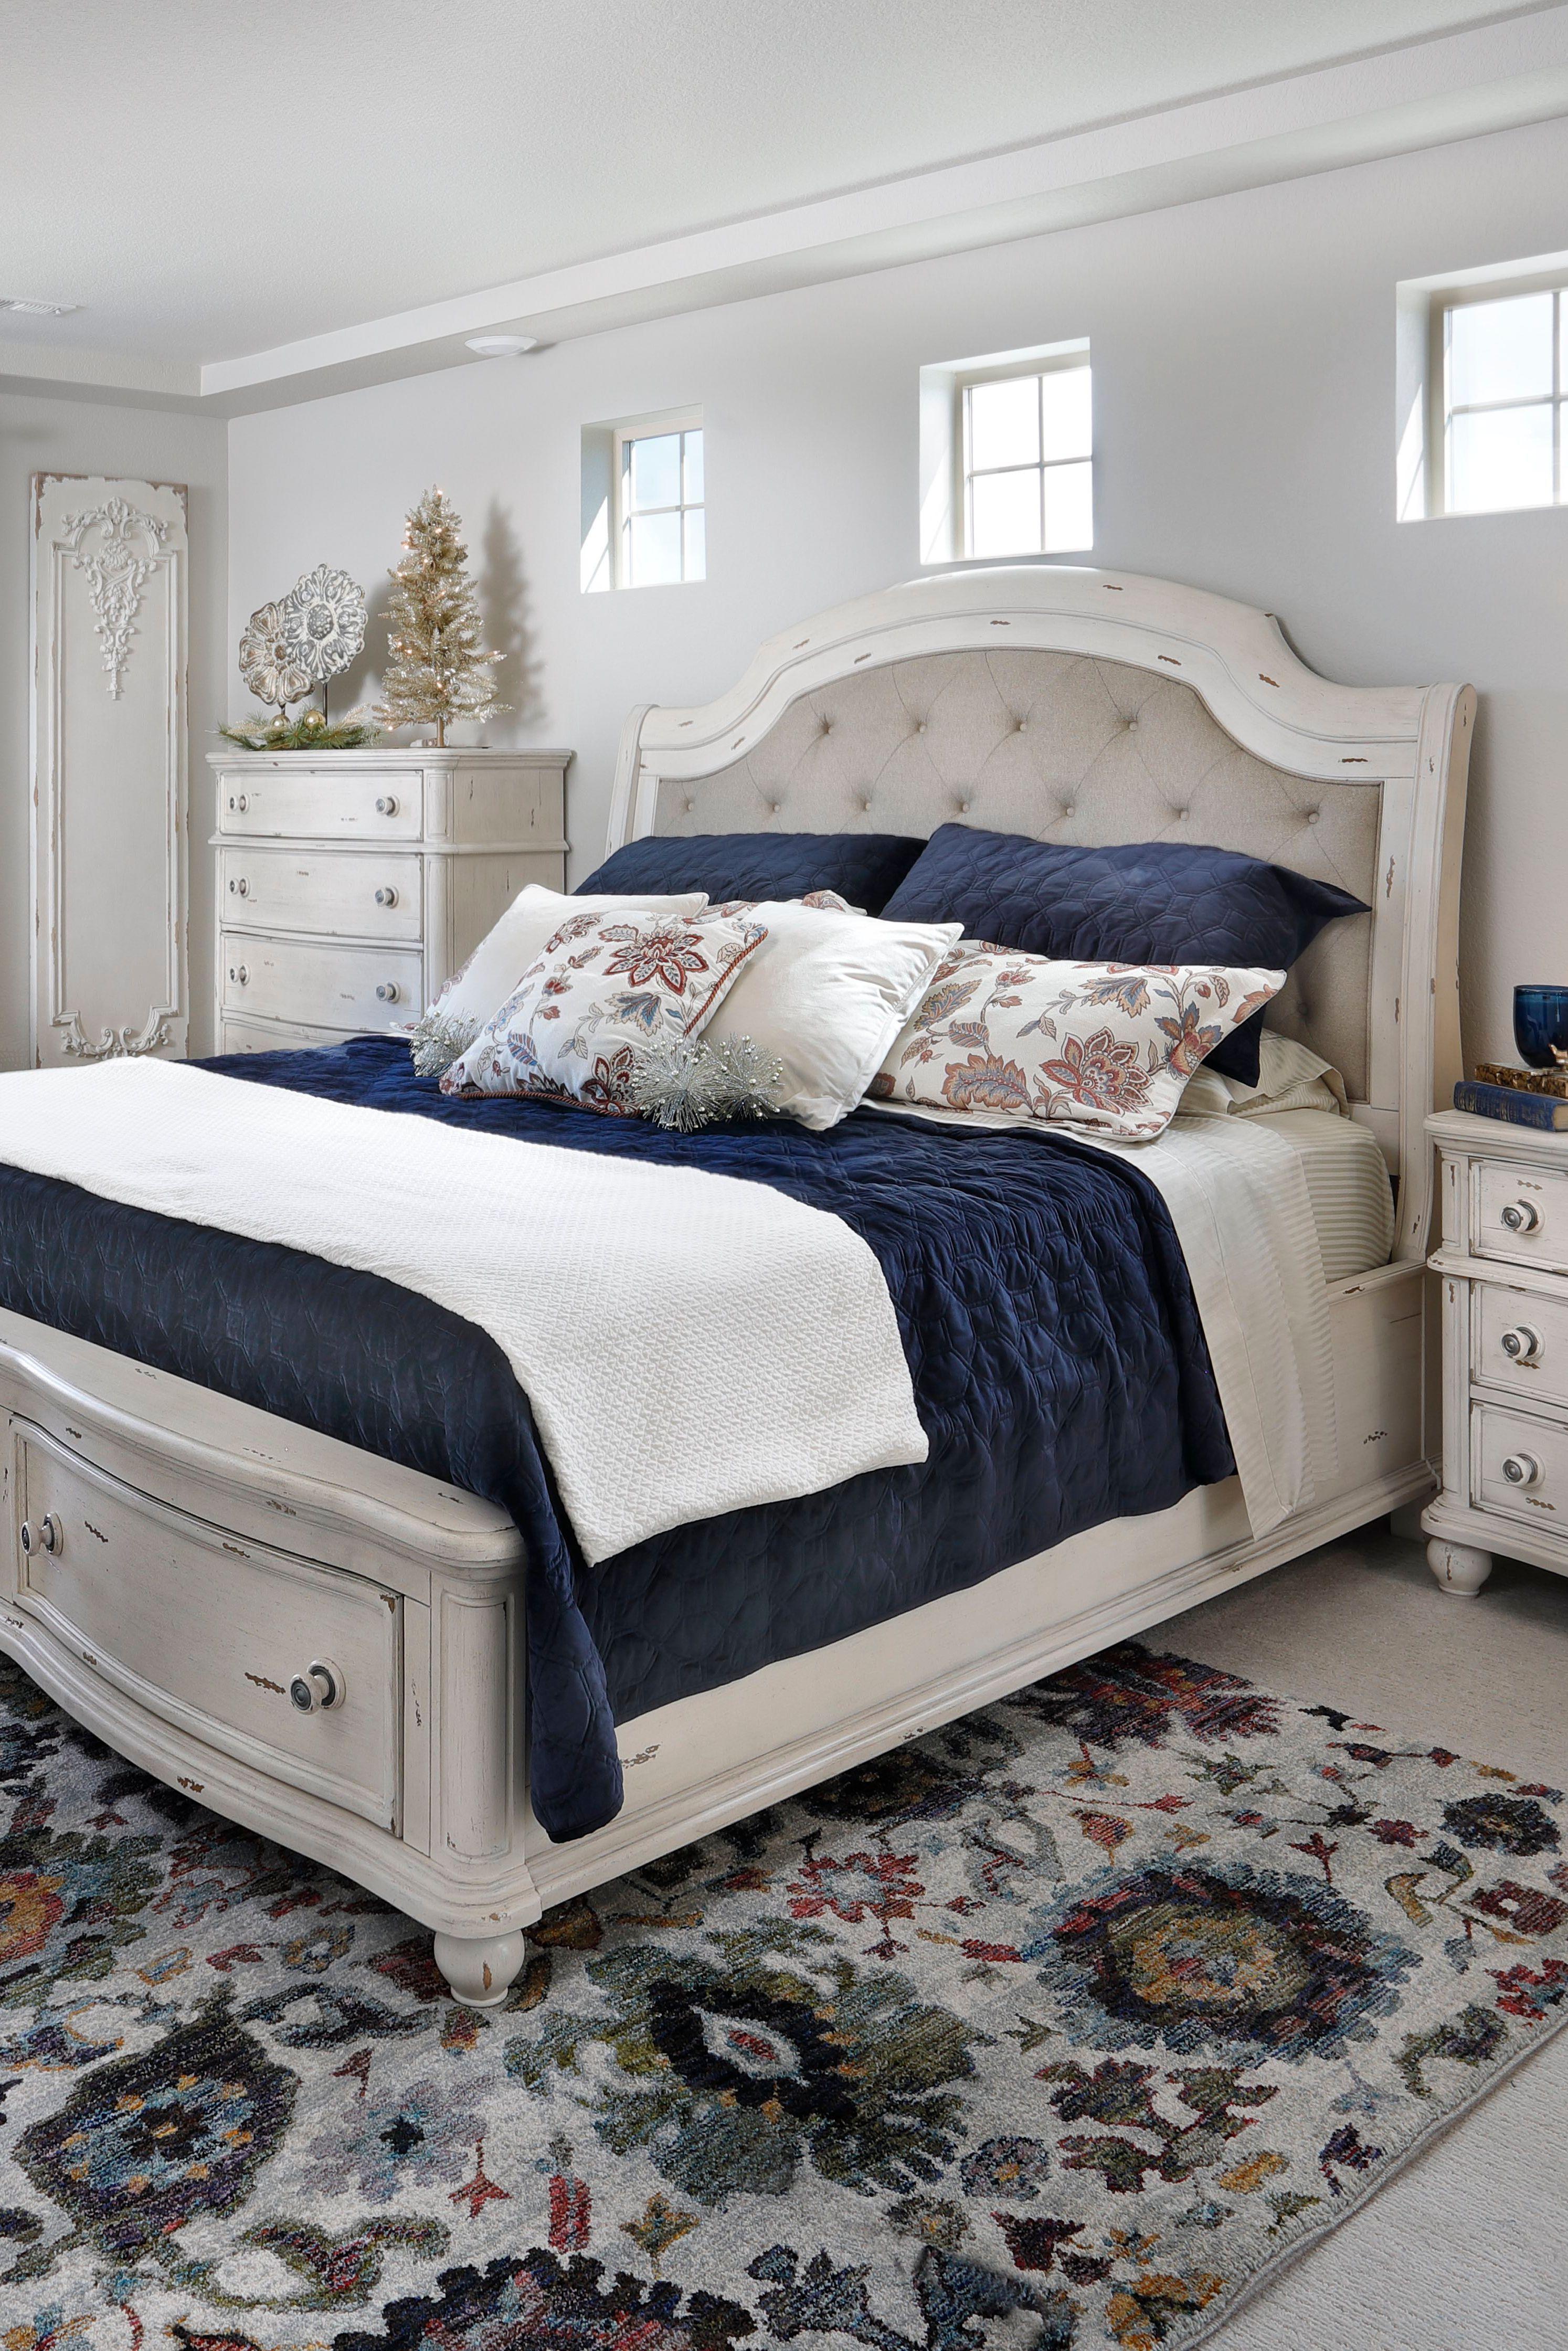 Marseilles Upholstered Storage Bed | Upholstered storage